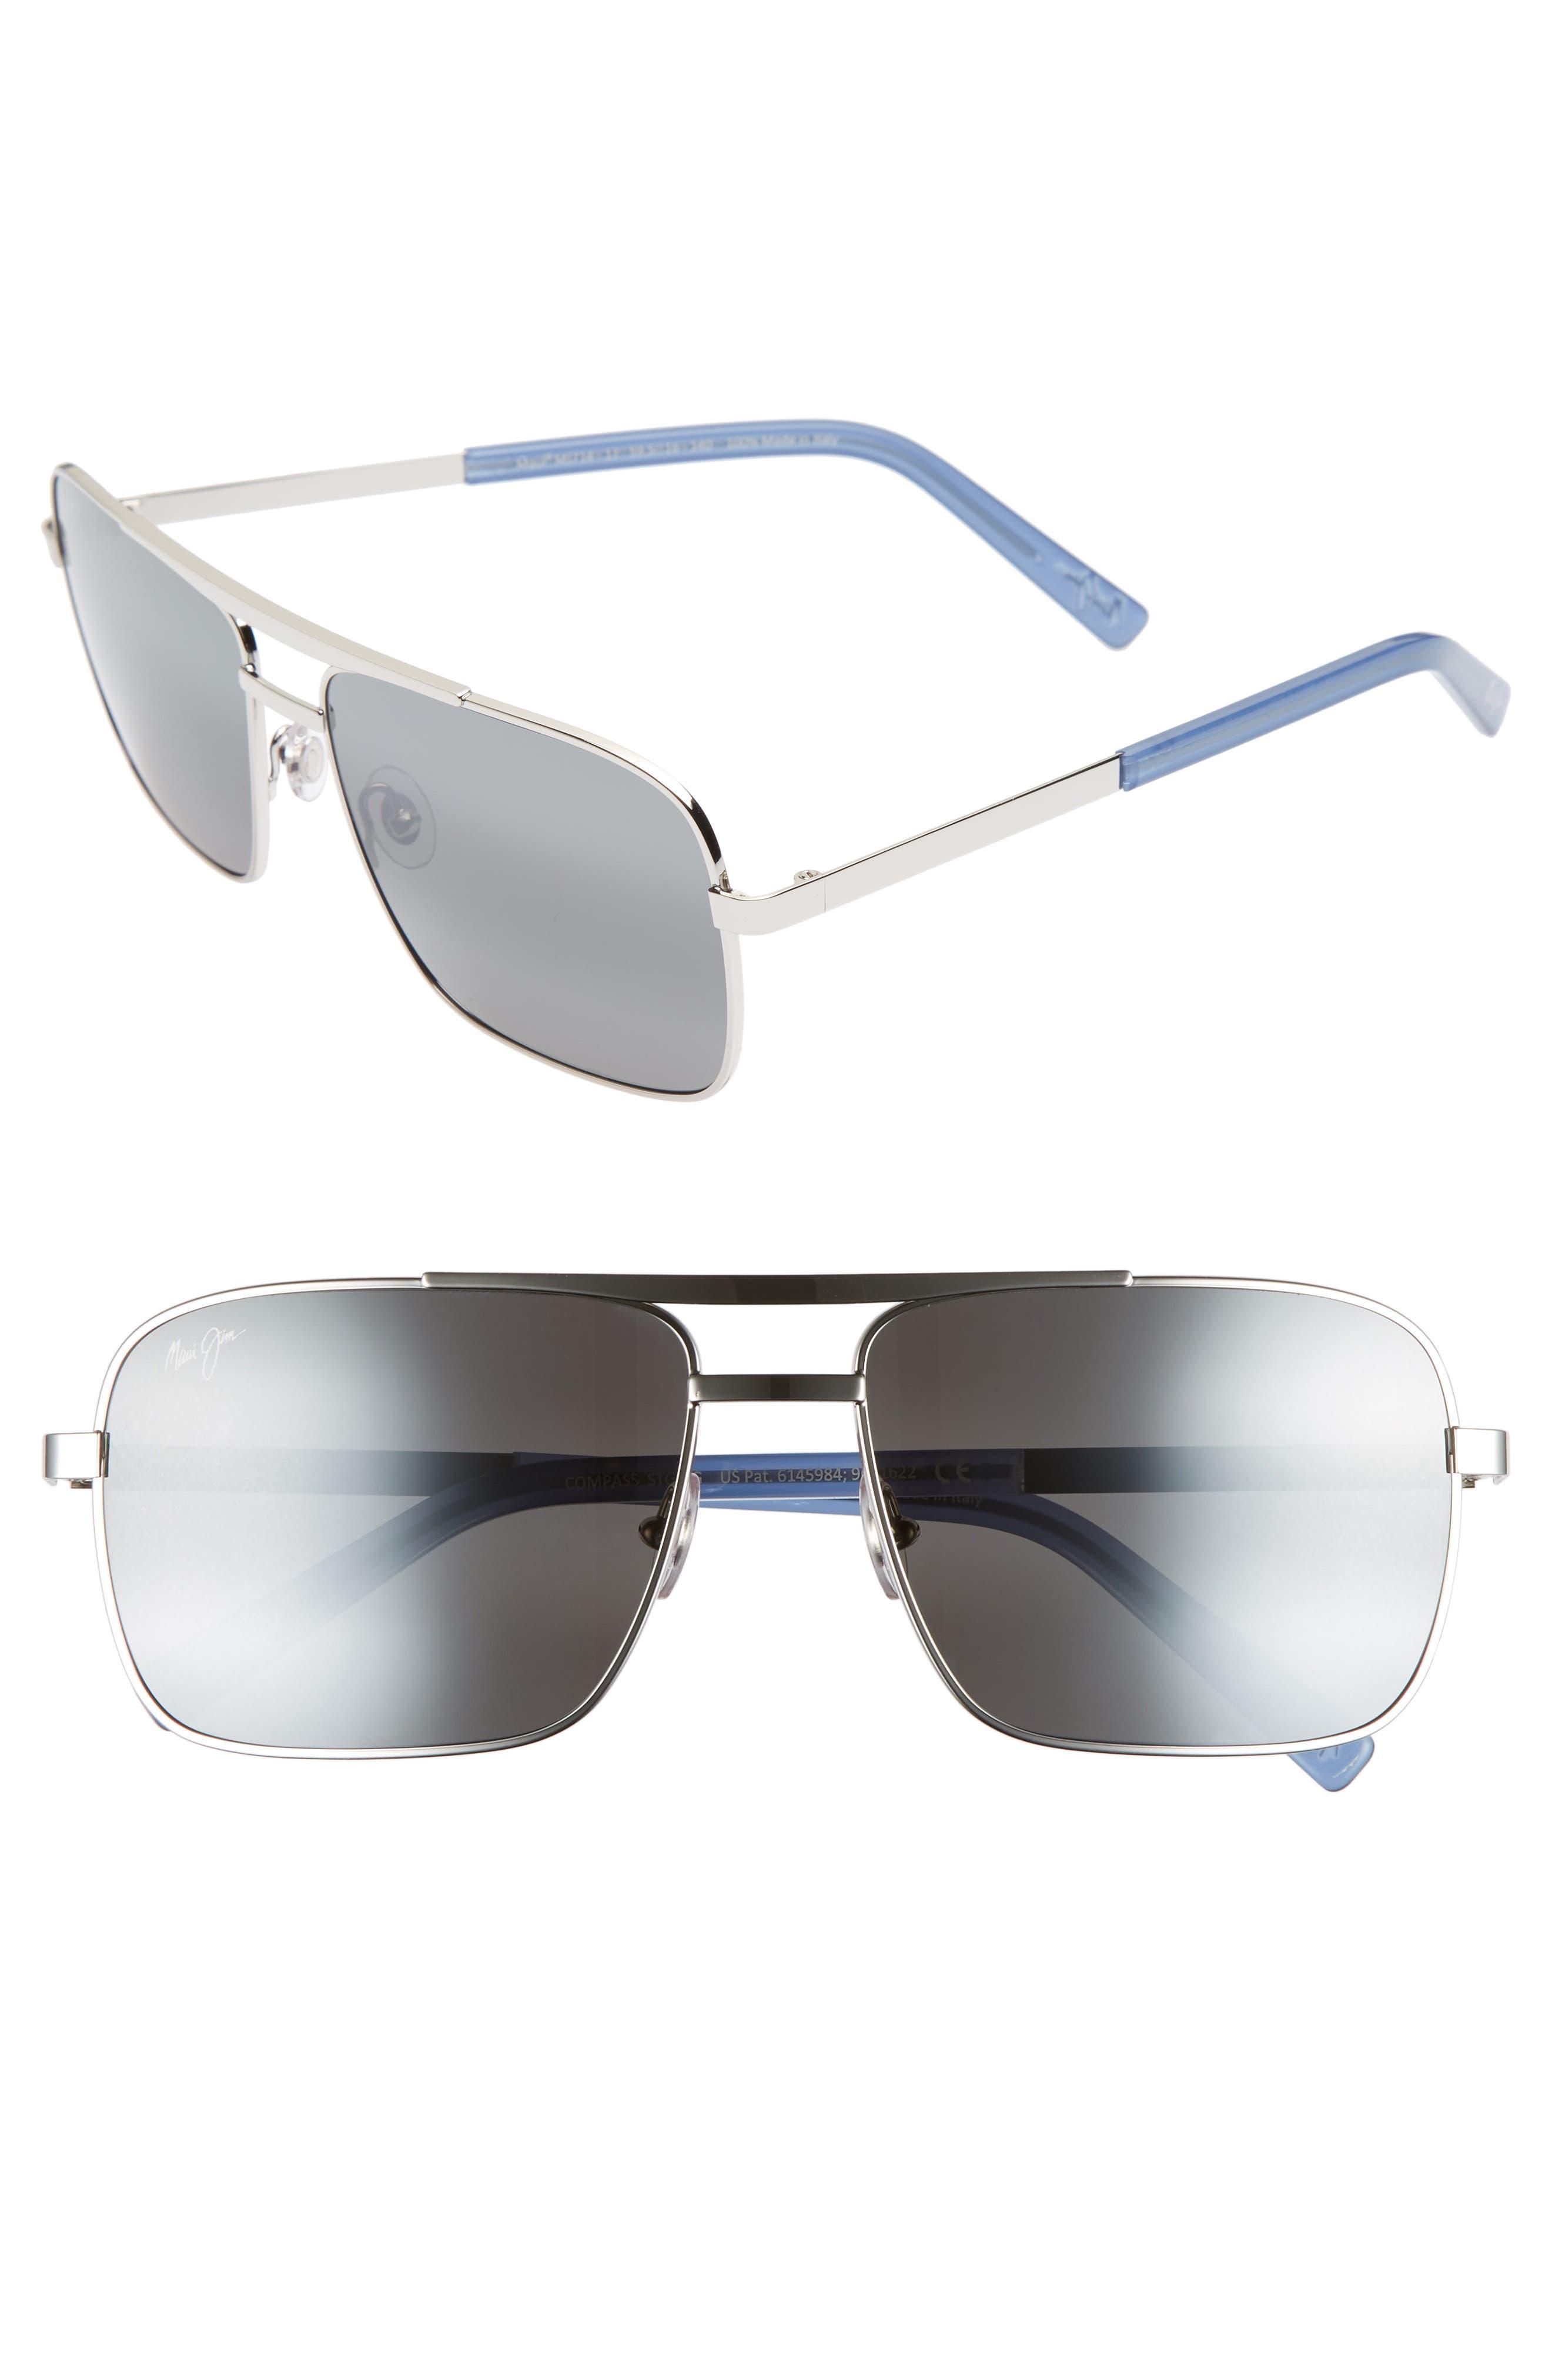 360bea8ad17 Maui Jim Compass 60Mm Polarized Aviator Sunglasses -